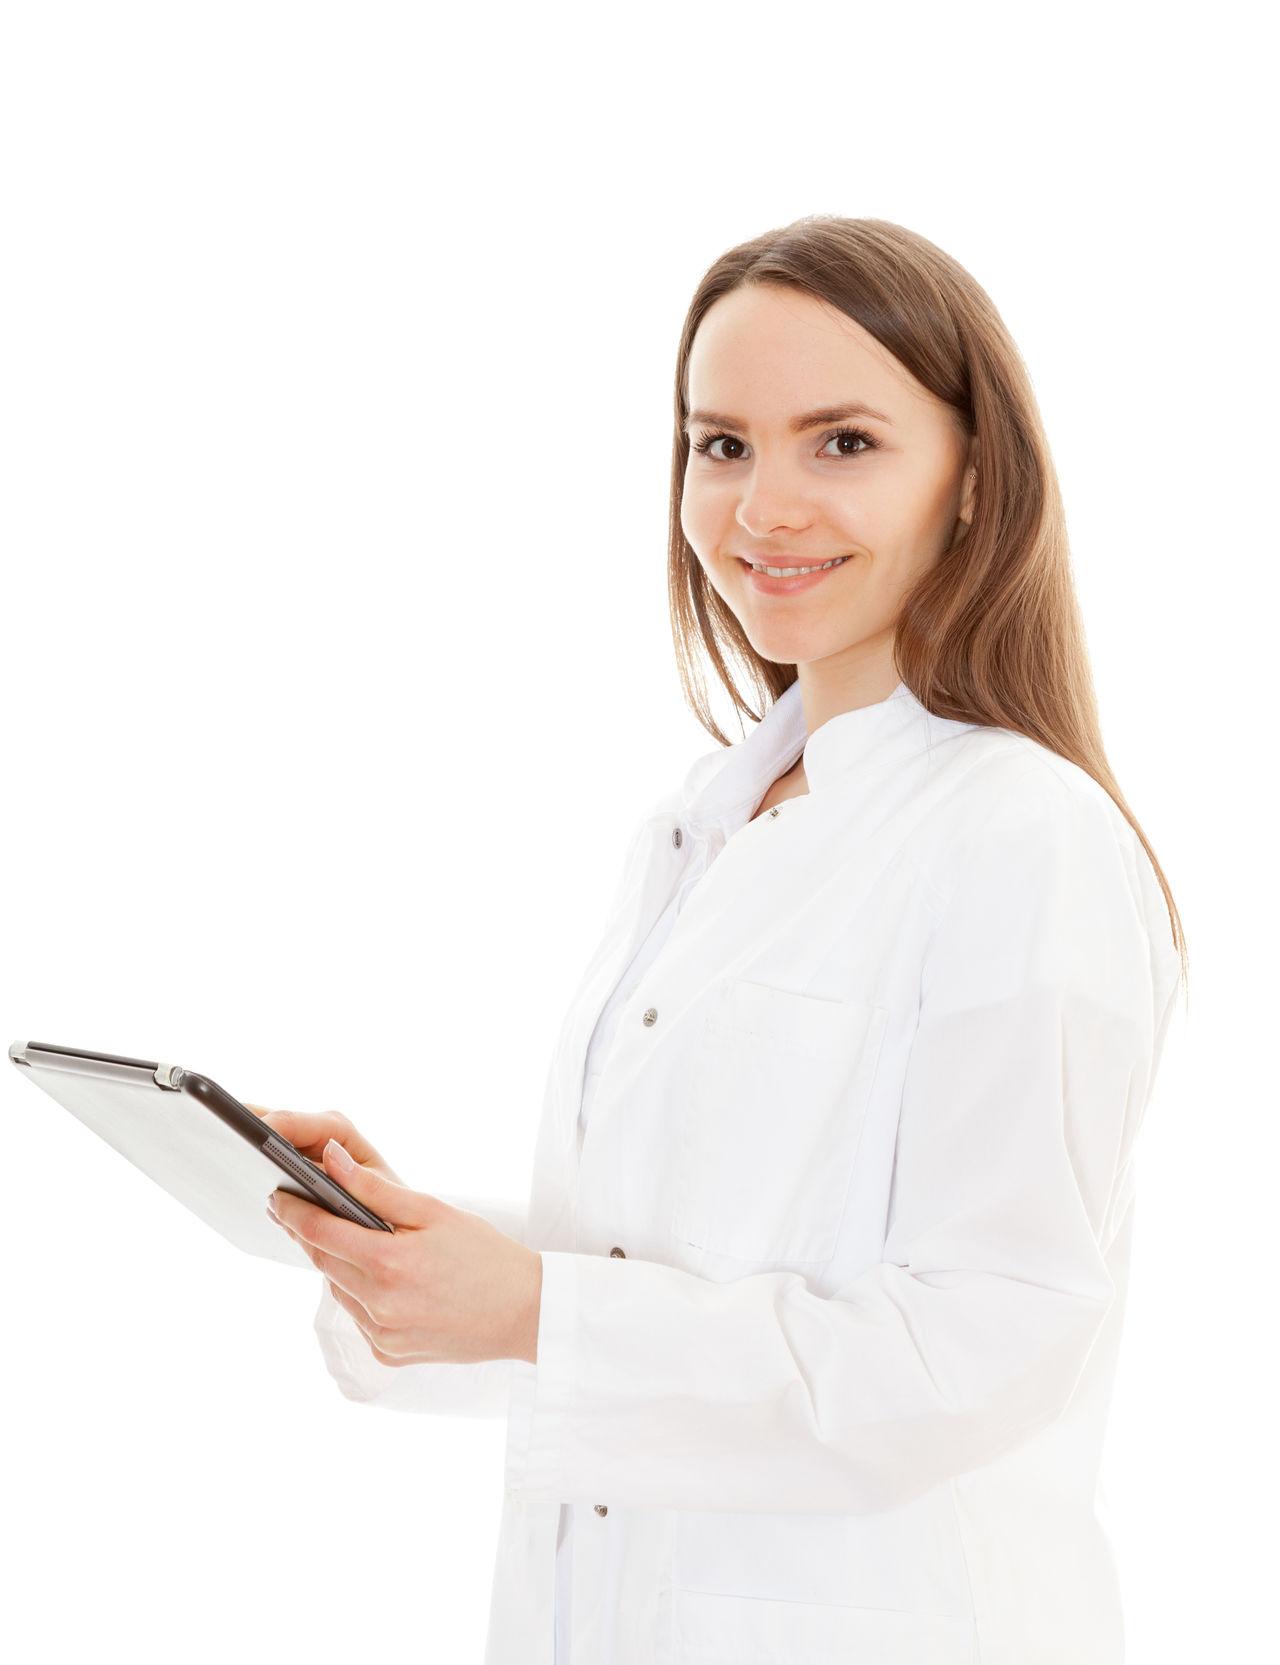 Female doctor holding tablet device on white background Brunette Career Doctor  Med School Med Student Medical Personnel Medical Staff Medical Student Physician Studio Shot Tablet Tablet Computer Tablet Device White Background Young Adult